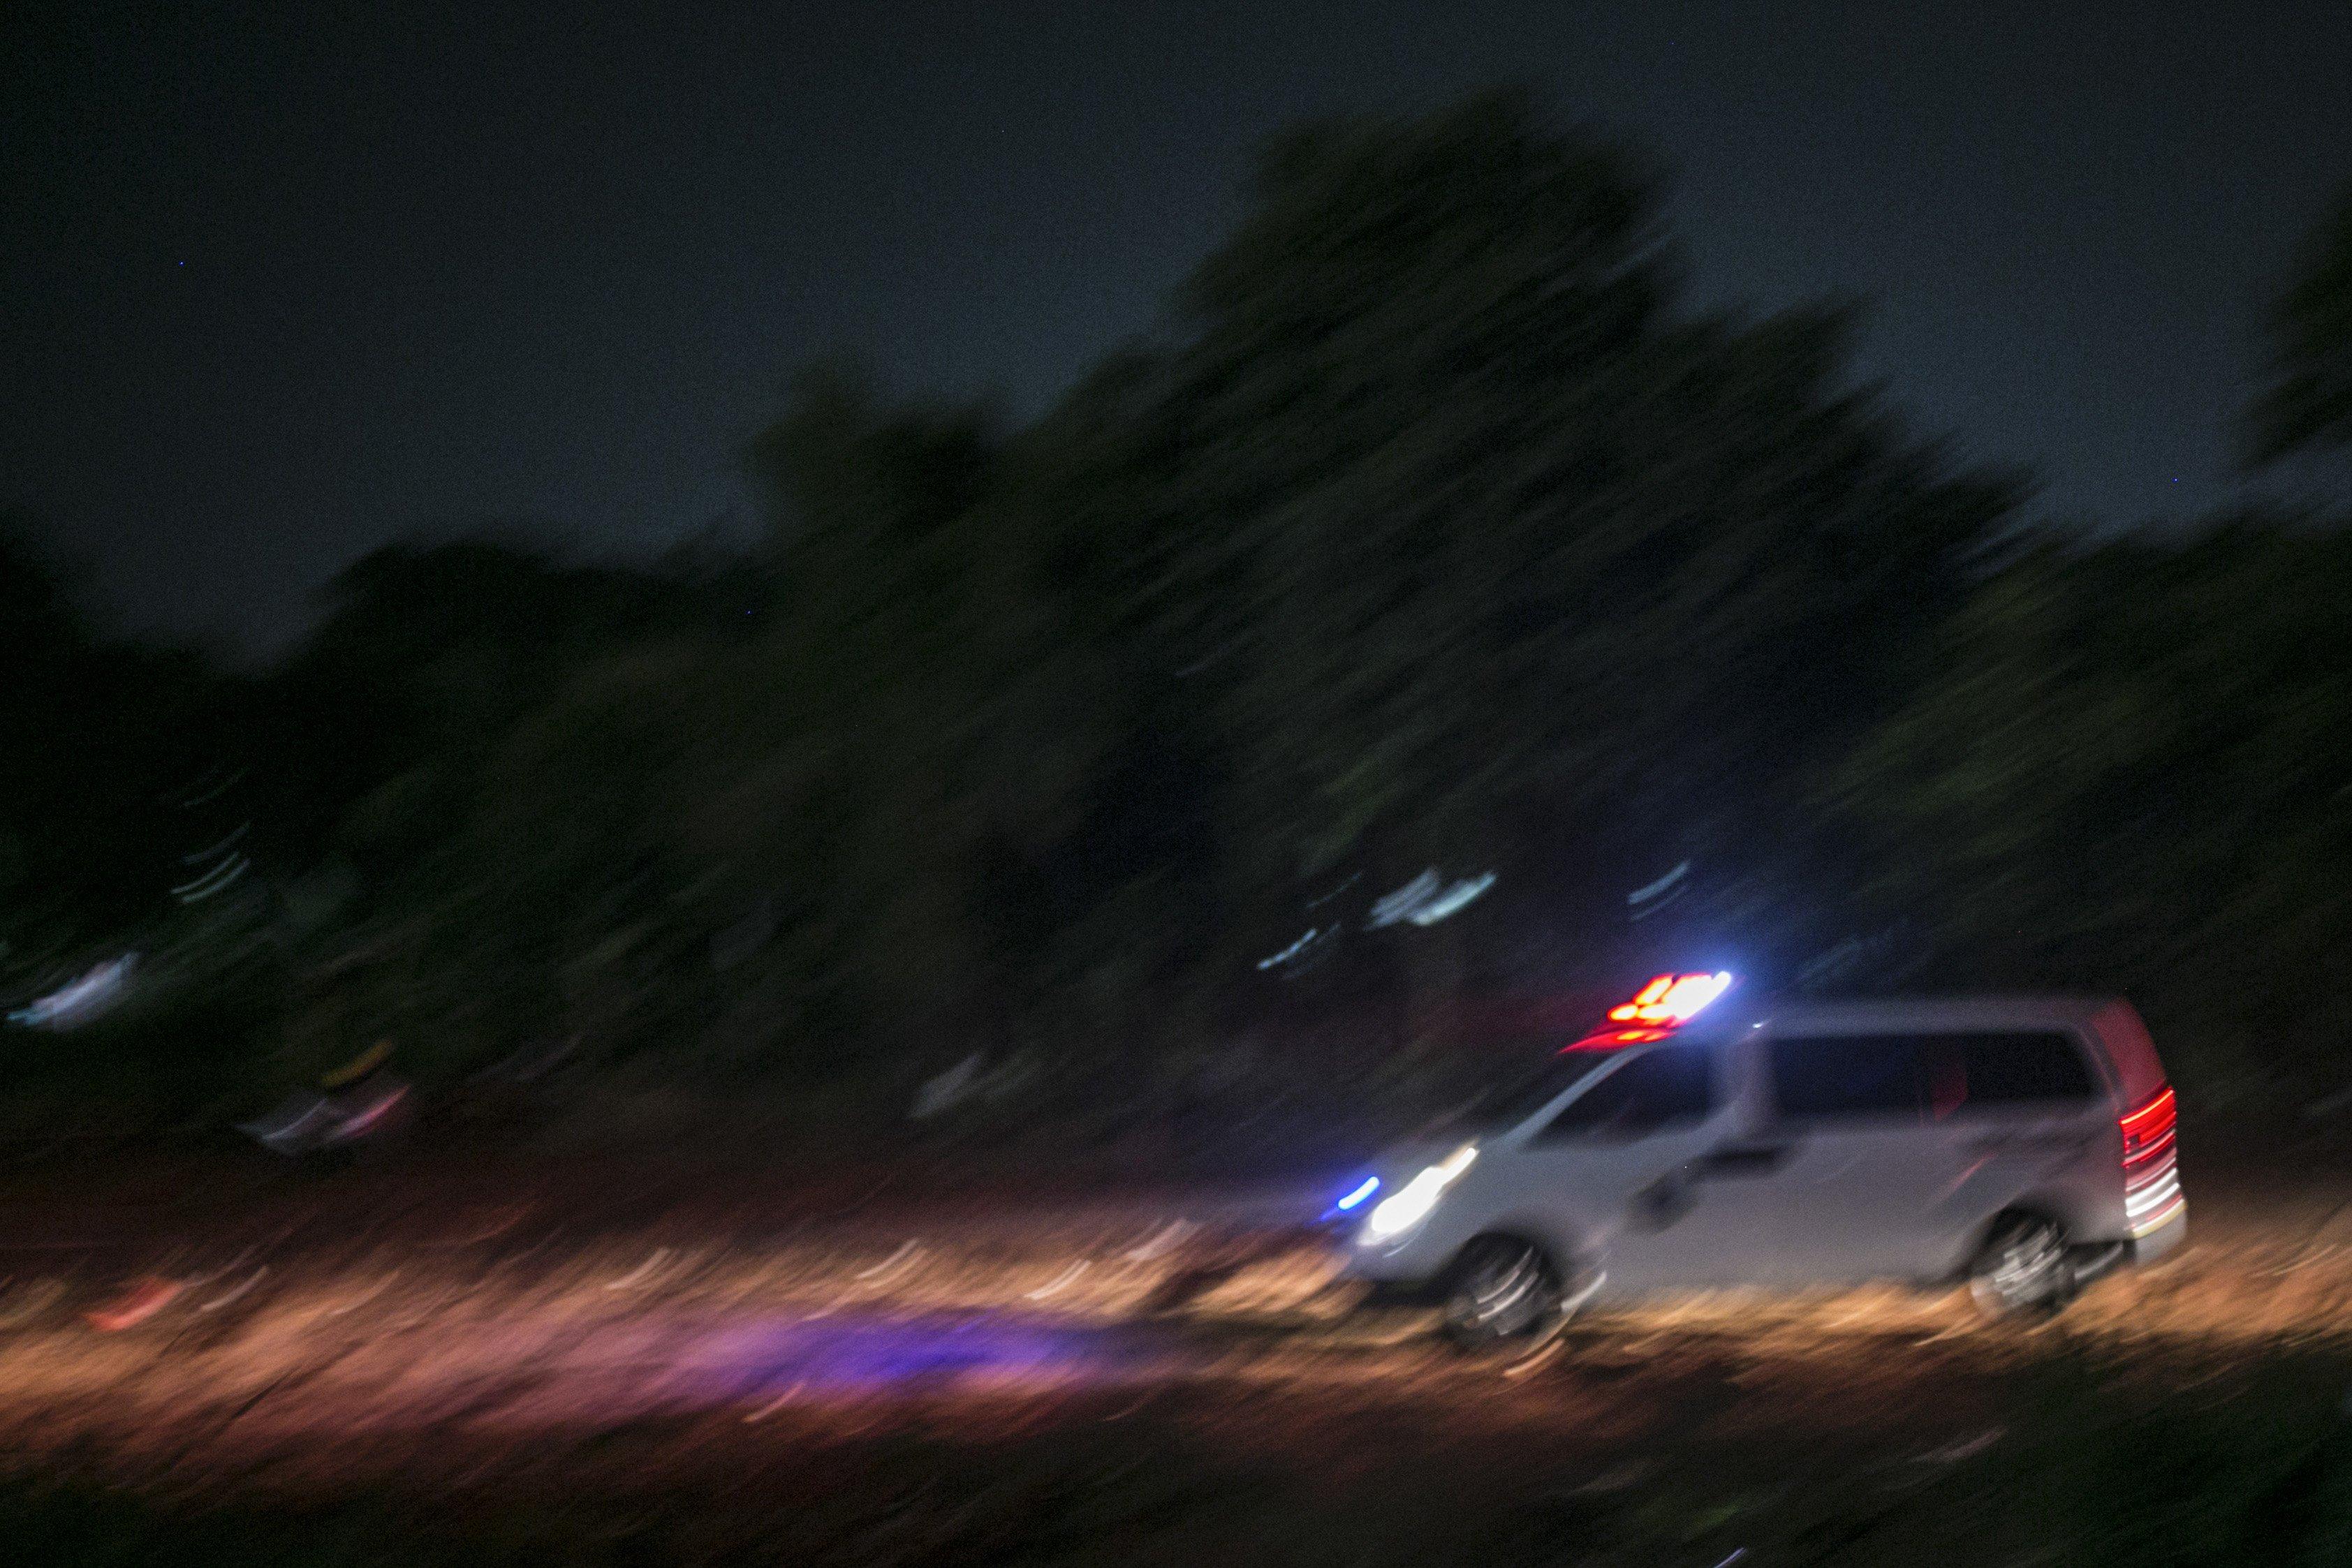 Petugas ambulan menggunakan Alat Pelindung Diri (APD) mengantar jenazah covid-19 di TPU Pondok Rangon, Jakarta, Kamis (16/7/2020).